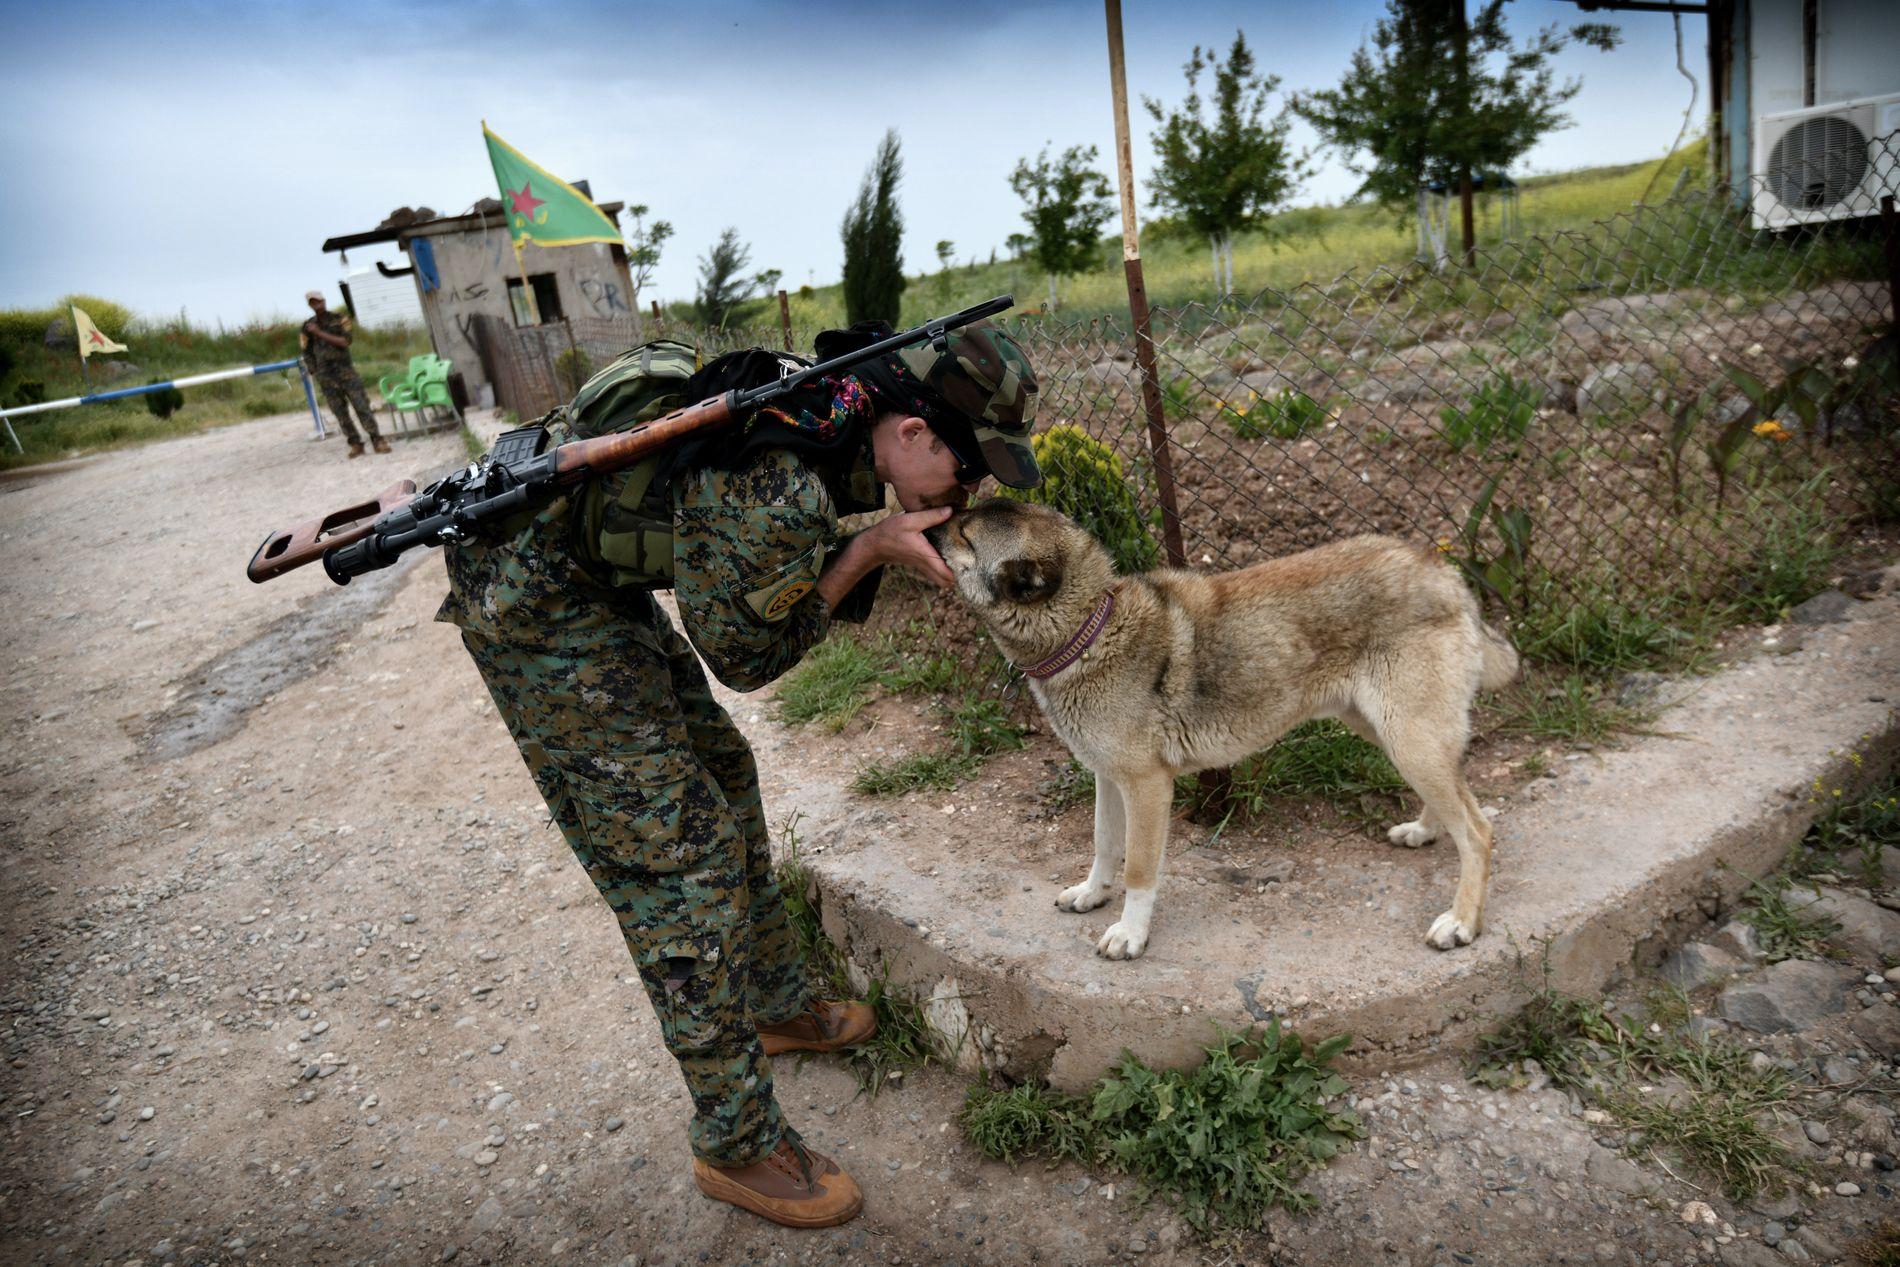 ET LIV MED KRIG: Gulbrandsen har vært med ulike kurdiske militser i Irak og Syria siden 2015.